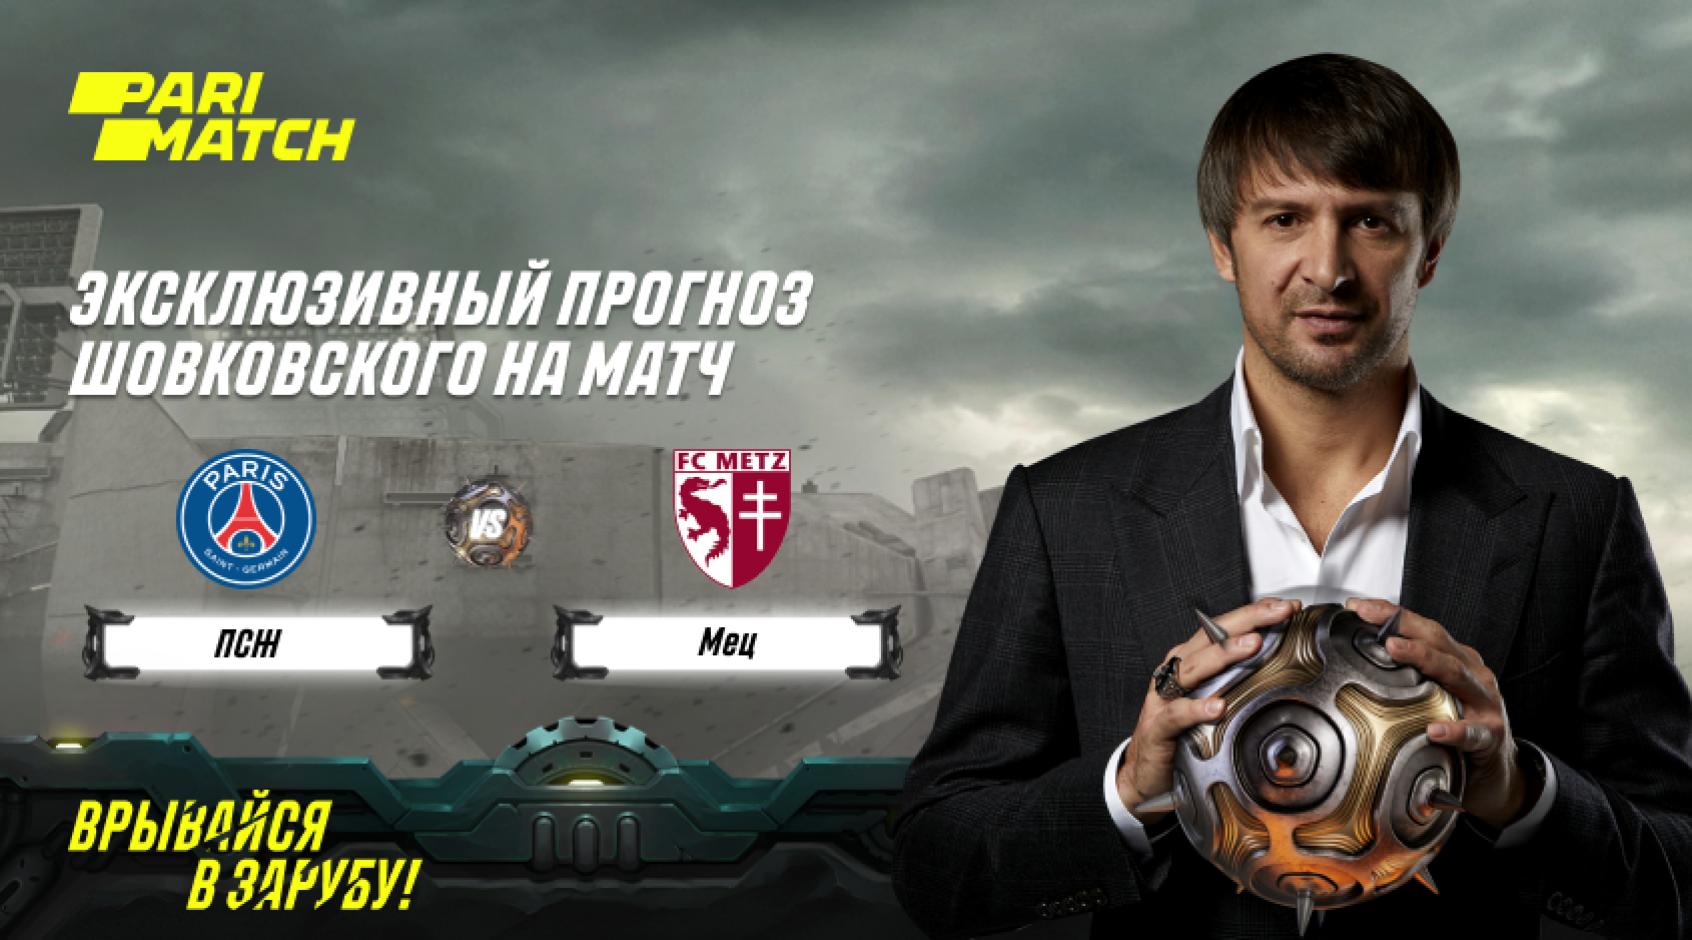 Прервет ли ПСЖ проигрышную серию: Прогноз на матч от Александра Шовковского